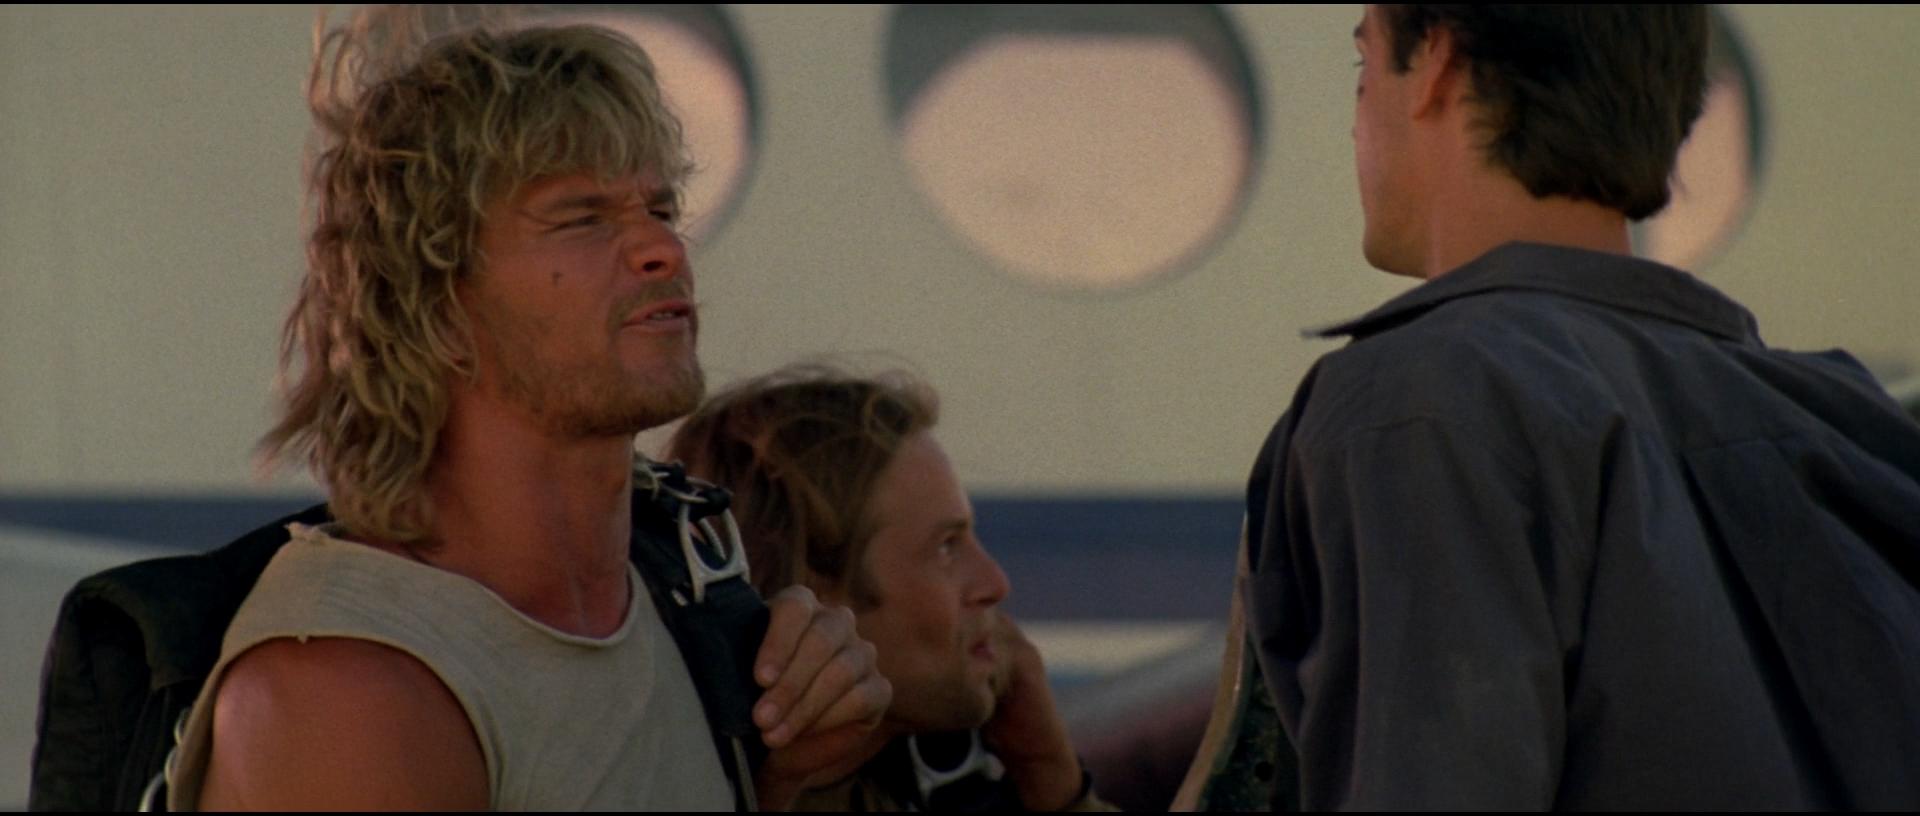 film methodologies point break 1991 Convaincu d'avoir à faire à d'intrépides surfeurs, johny décide d'infiltrer le milieu de la planche action, suspense, casting époustouflant, tous les ingrédients sont réunis pour faire de point break un film prenant.